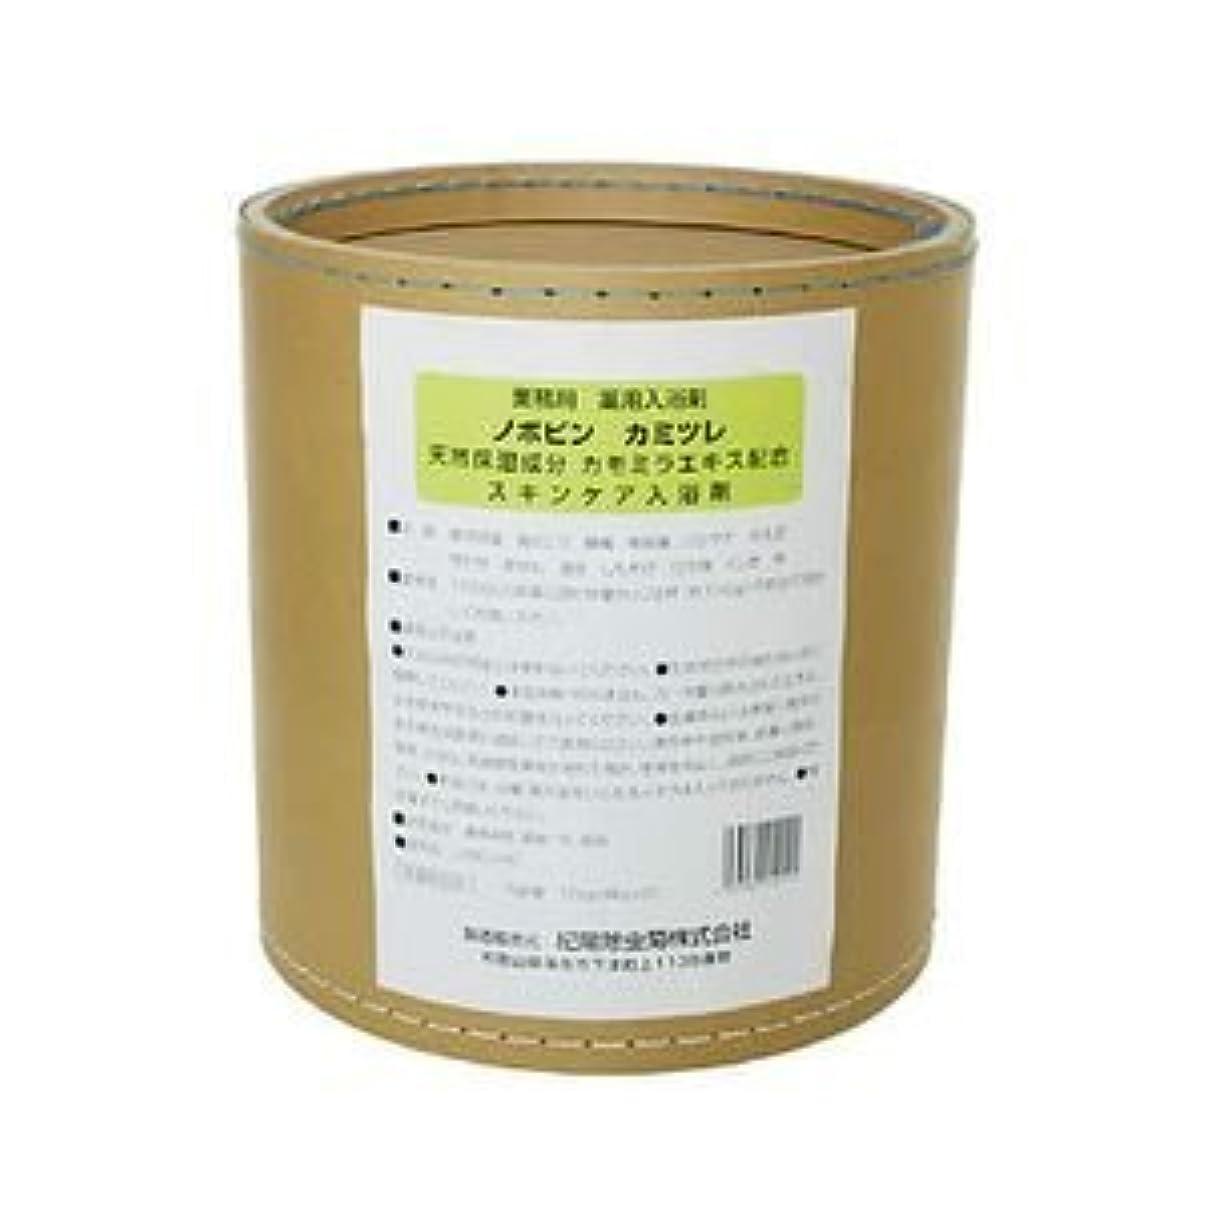 通常メディア菊業務用 バス 入浴剤 ノボピン カミツレ 16kg(8kg+2)